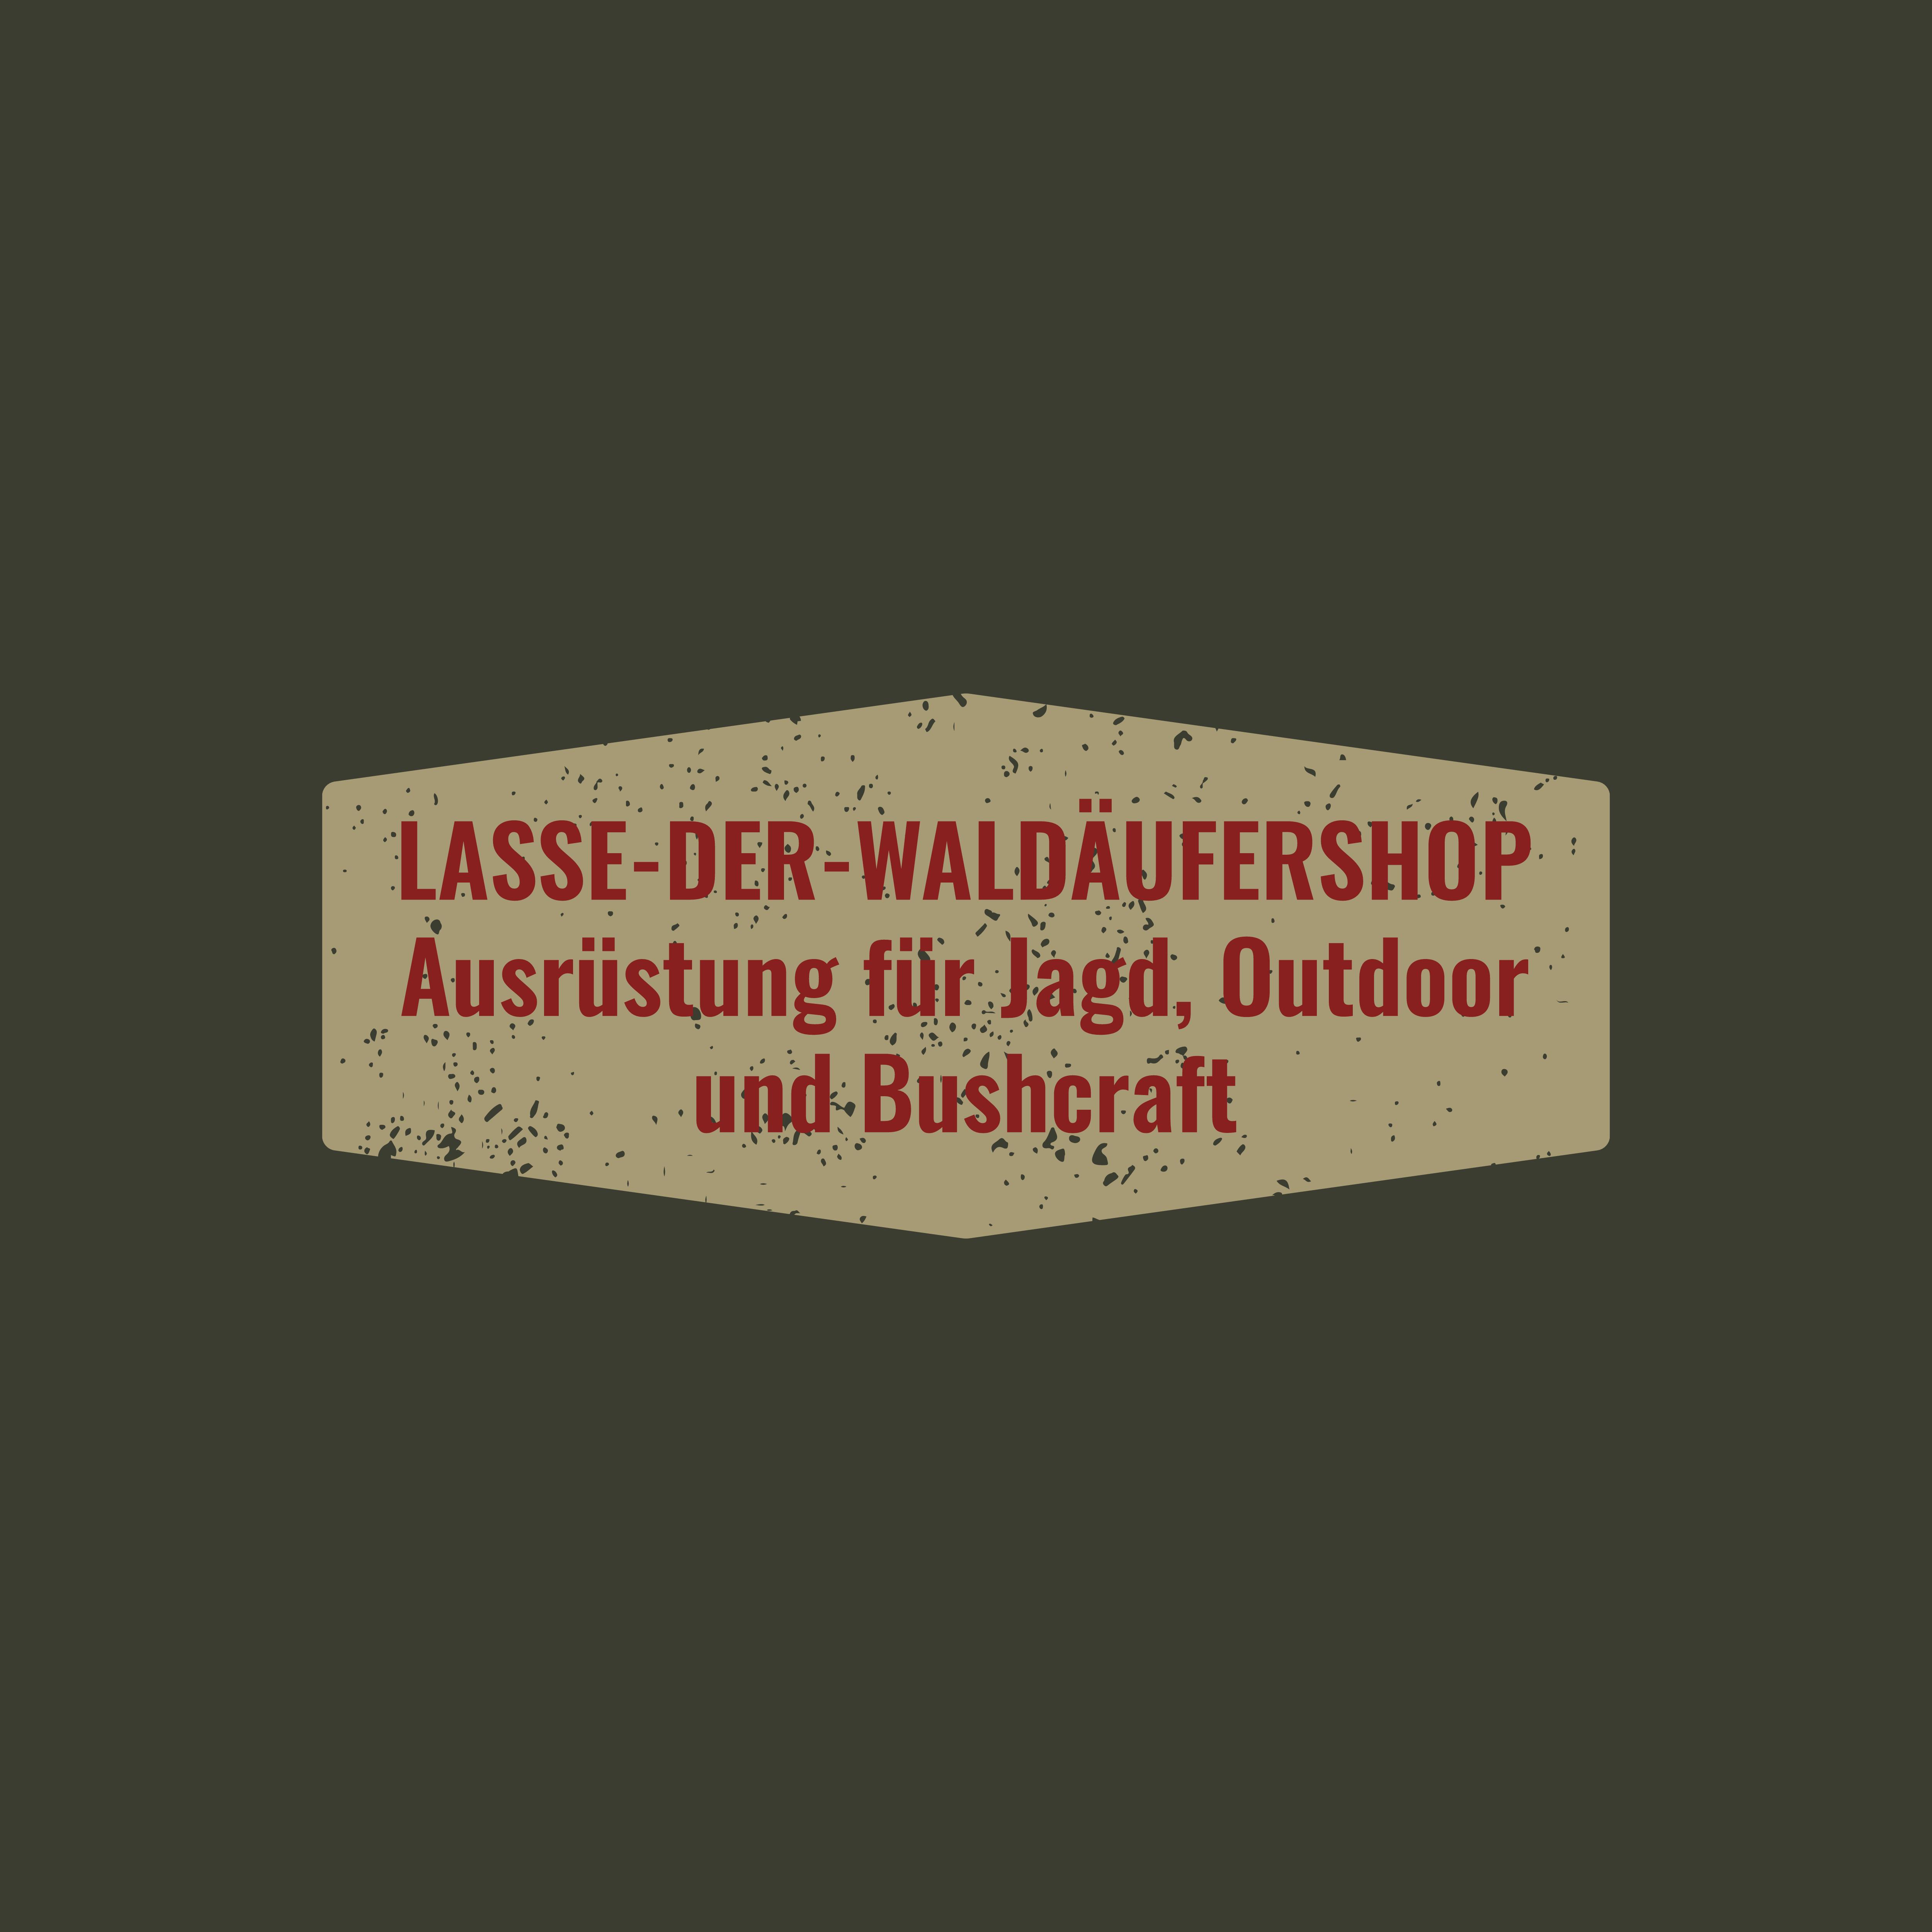 www.xn--lasse-derwaldlufershop-e5b.de